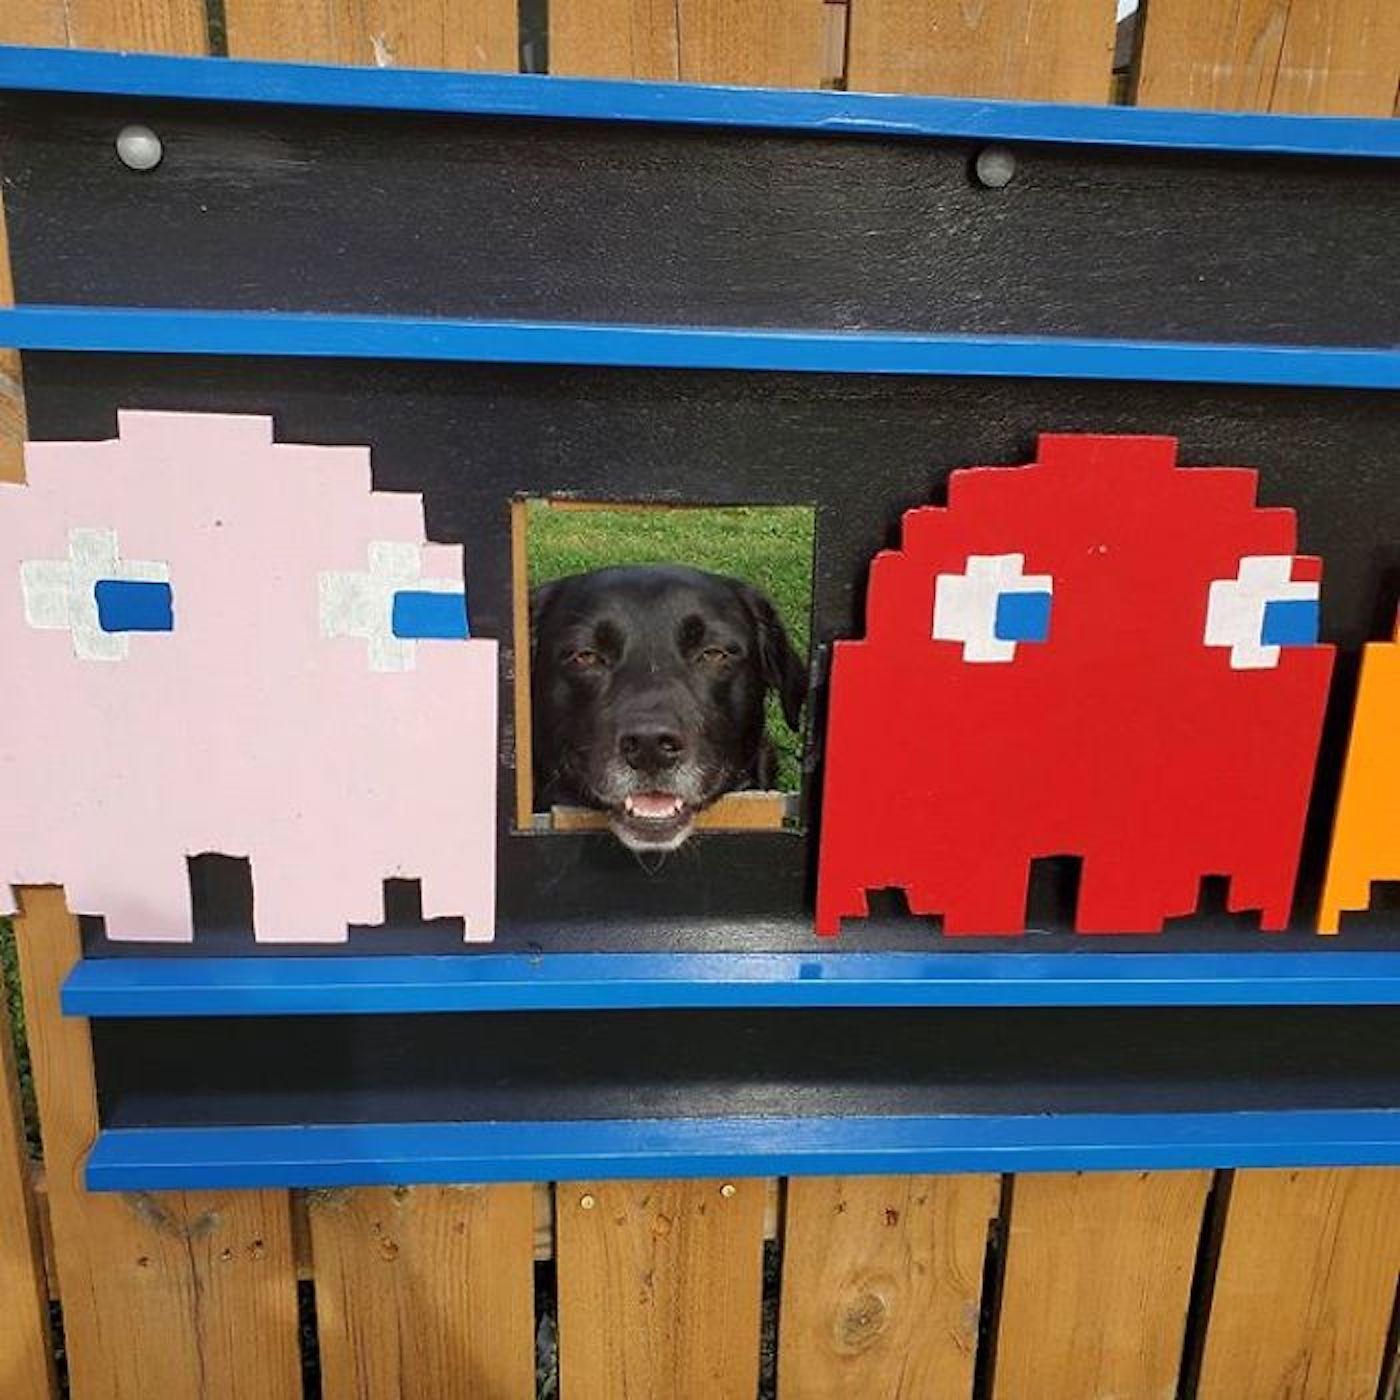 Pour amuser la voisinage, cette famille décore le trou de sa clôture avec créativité